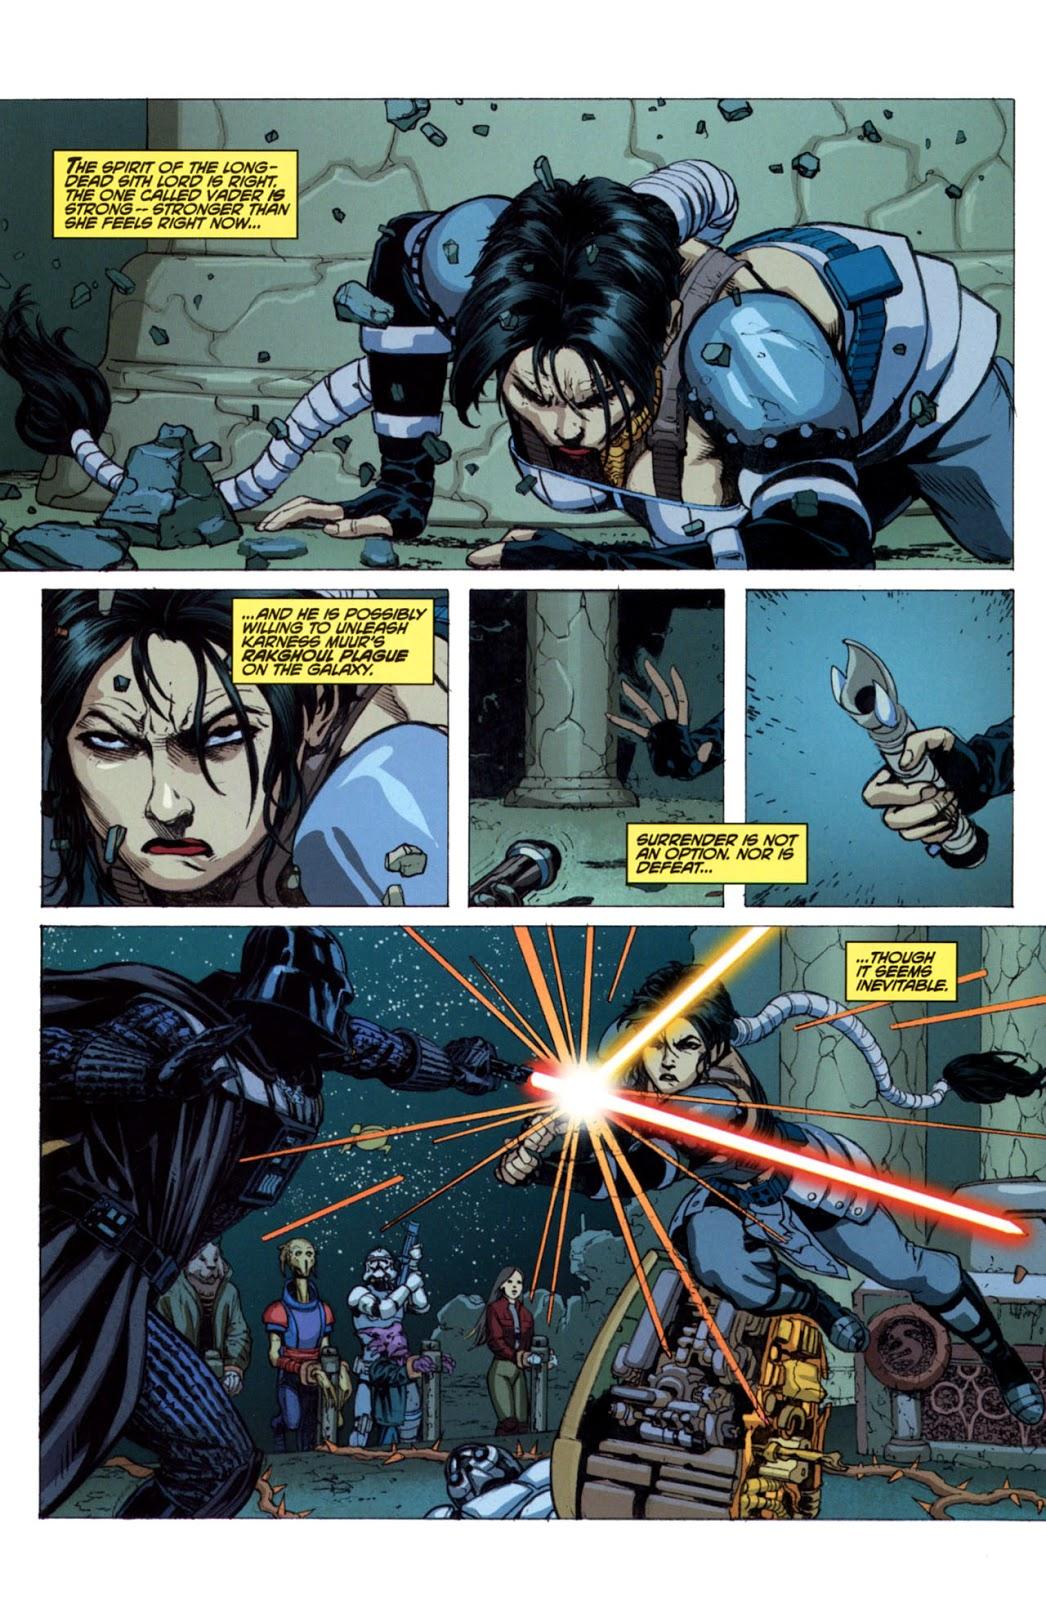 Darth Vader vs A'Sharad Hett - Page 3 MP5B0jG1Ssn1Eh-gHcjtcGztk-r1WTlXNMLWvlqotRlznwIkkd9SthmUlFk5avbTBpfmGUs0M3rj-3N0f2pegXOxmpFYMAx9i_3LqMBI6eQ4PYTHPujBe76THmIIZiN6Tav1IBUo